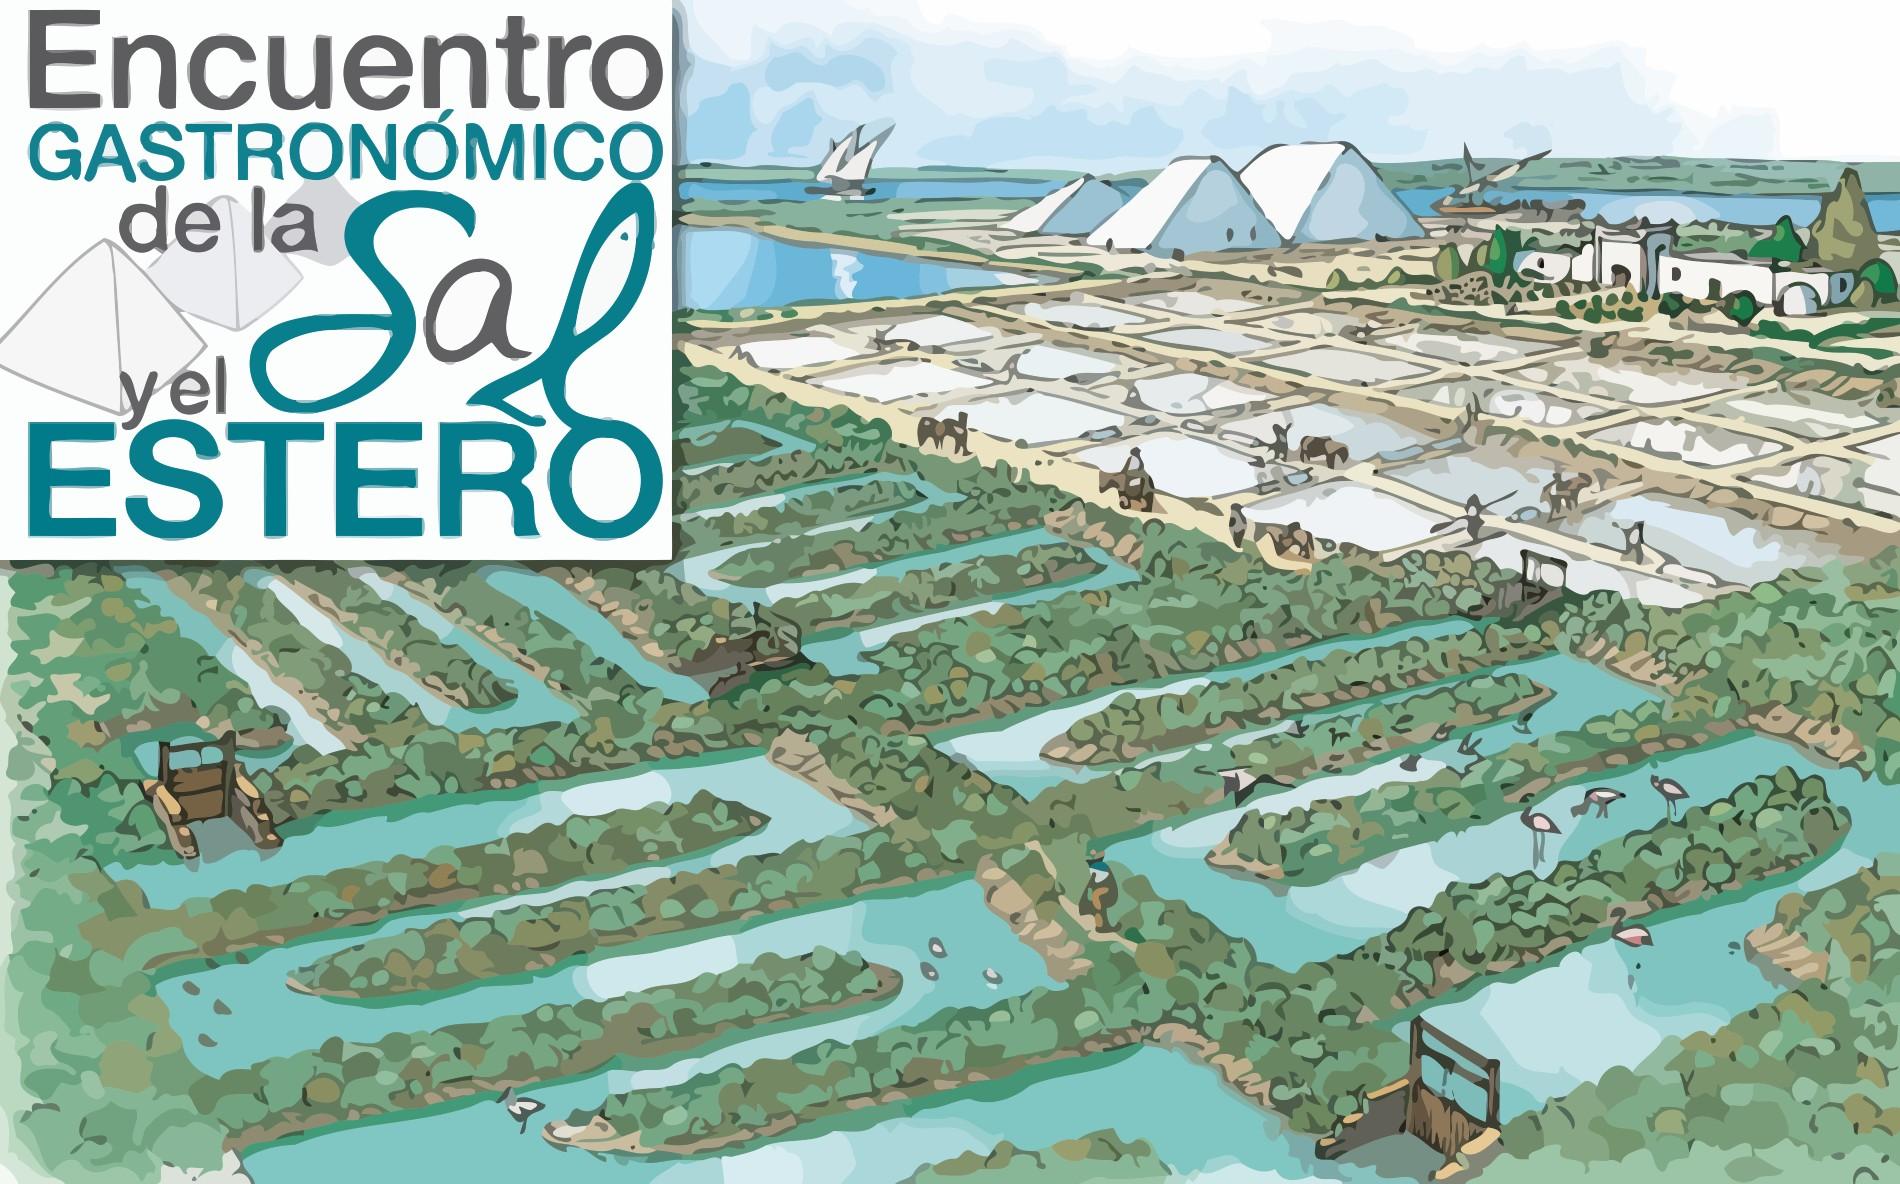 Encuentro de la Sal y el Estero en El Puerto de Santa María